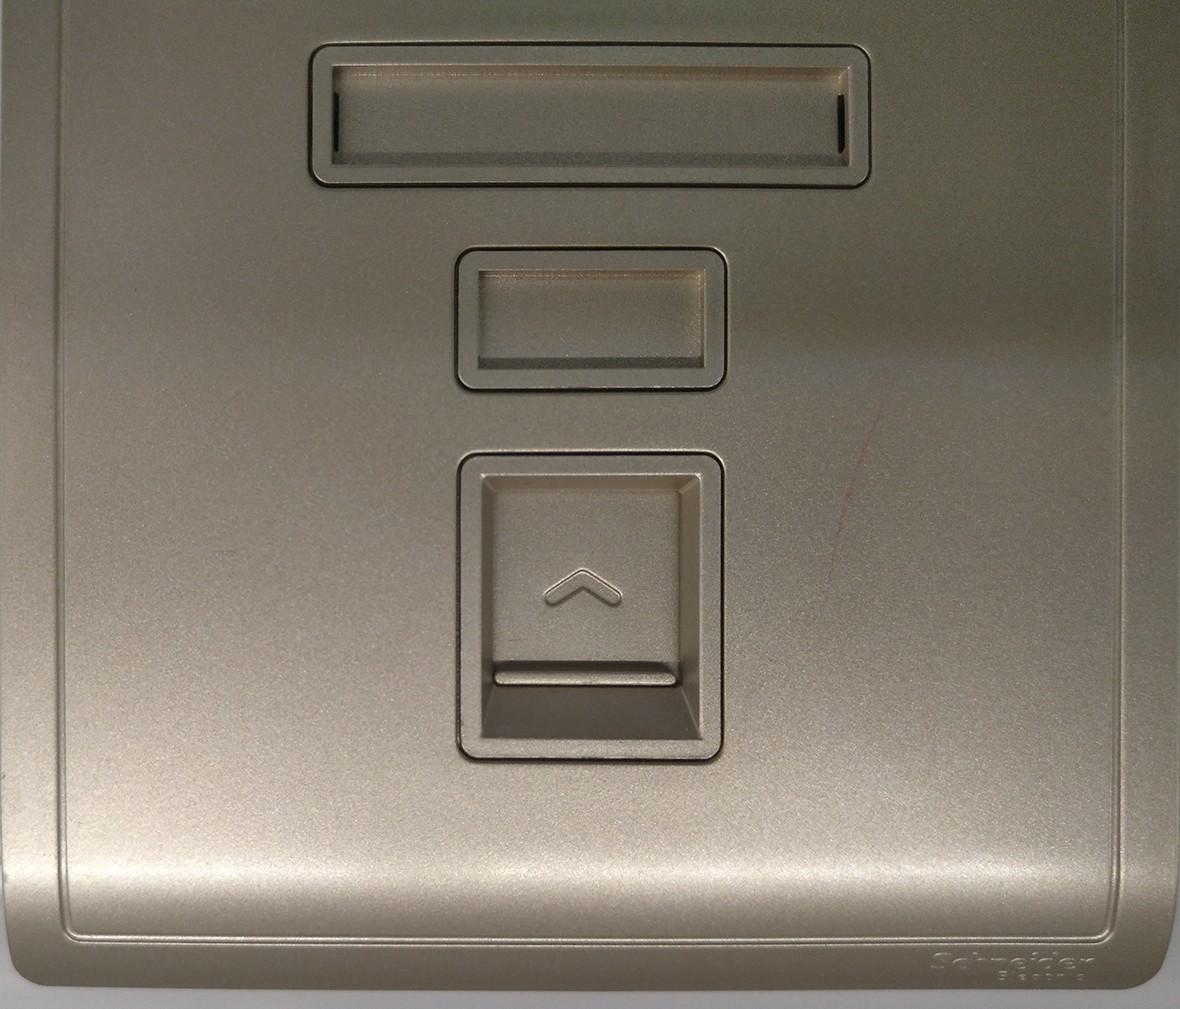 施耐德 丰尚系列 电脑插座 PC材质 耐高温 防漏电 安全插座